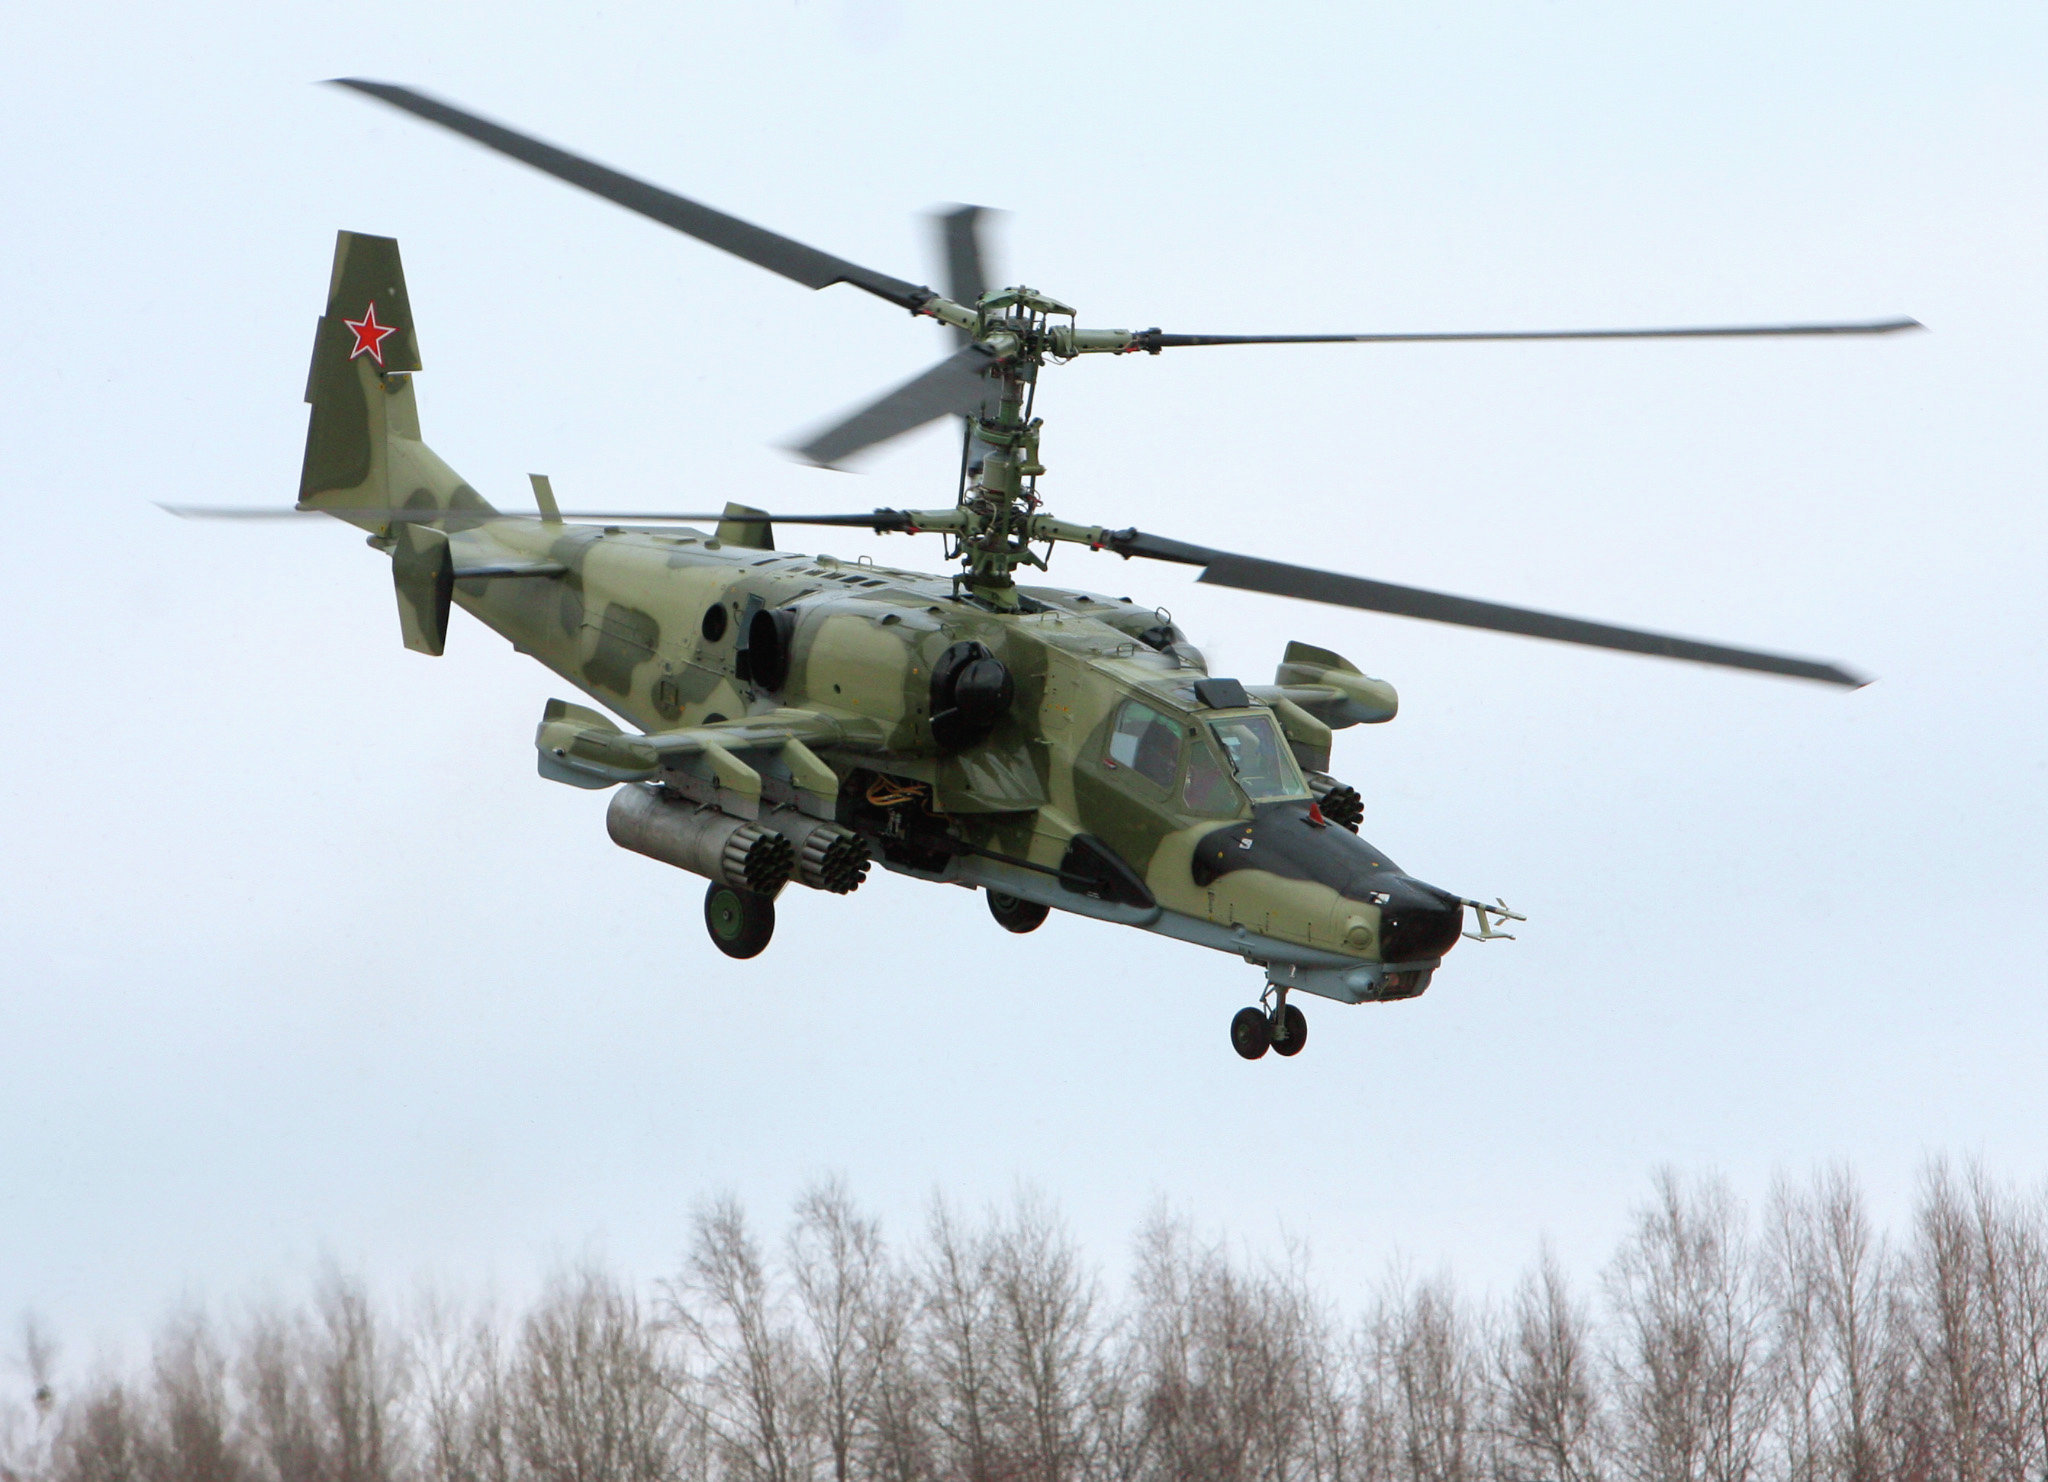 Helicóptero de assalto, Ka-50, foi batizado com um apelido óbvio de 'Tubarão Negro' (Chornaya Akula)